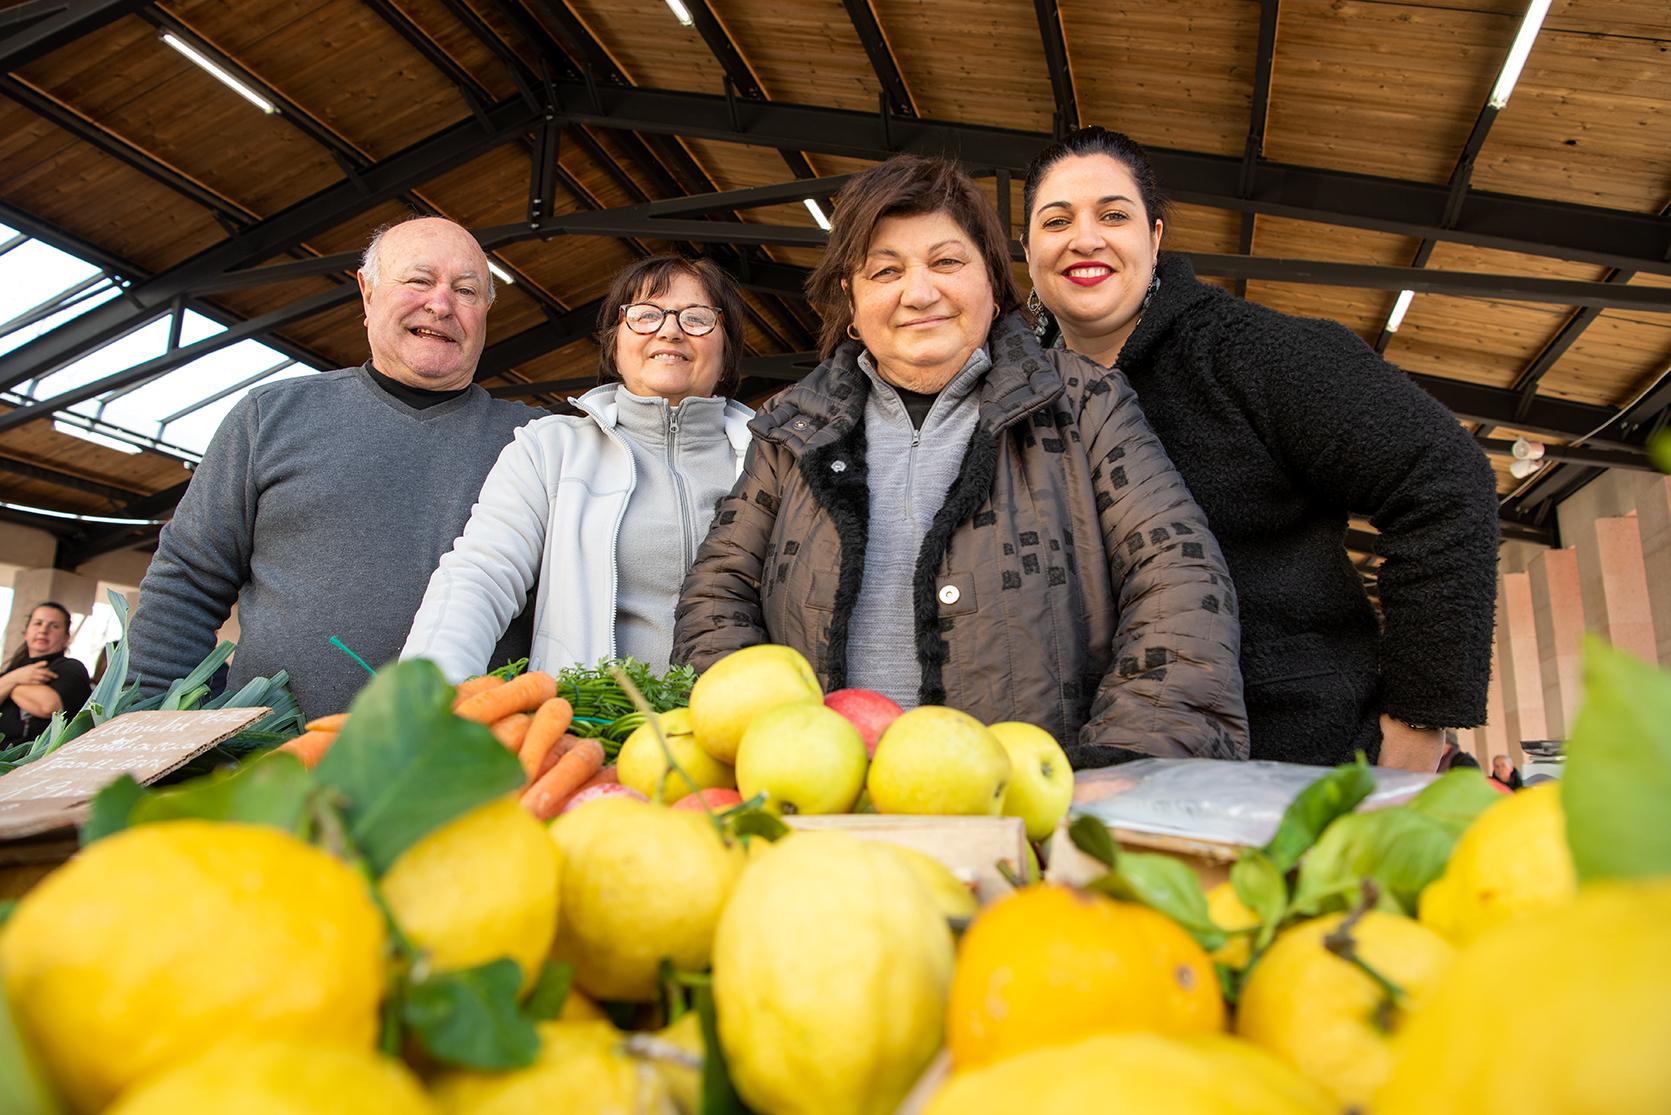 """Parmi les figures bien connues du marché, Sylvana Sirna a """"cinquante ans de marché"""", elle travaille en famille avec son mari, sa soeur et la relève... (Photo Ville d'Ajaccio)"""